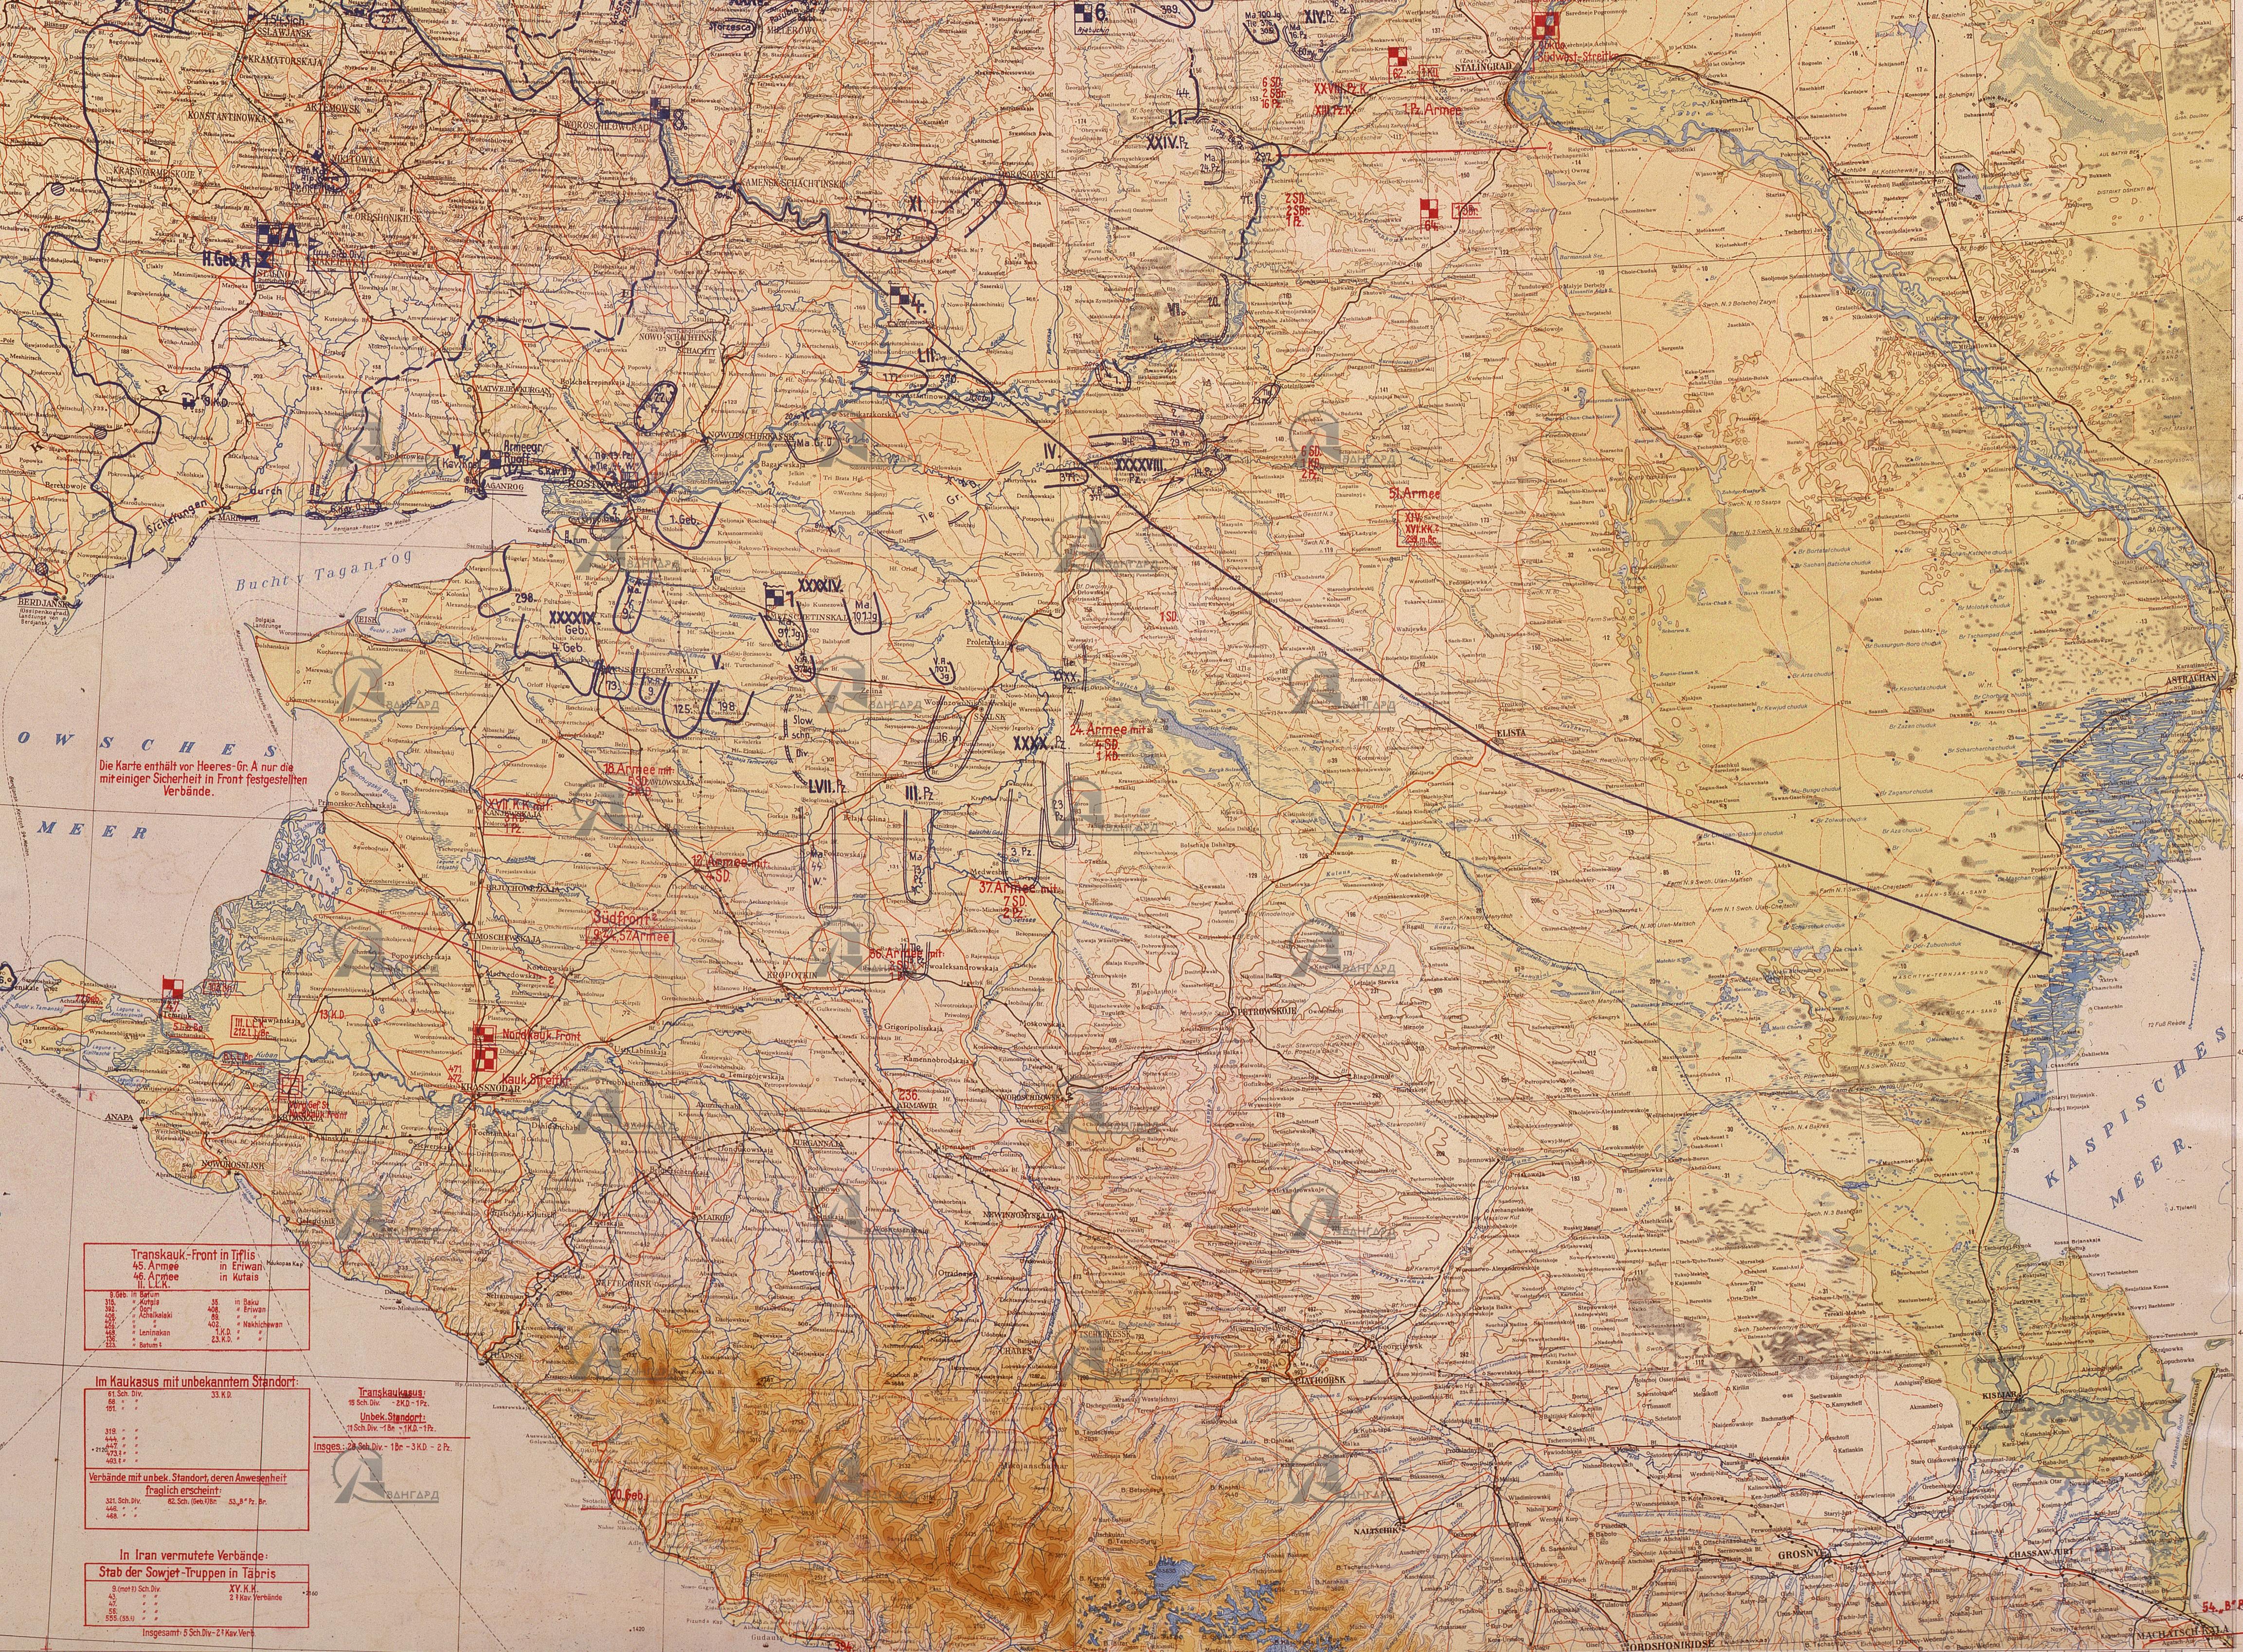 Фрагмент карты ОКХ от 02.08.2-Aug-42